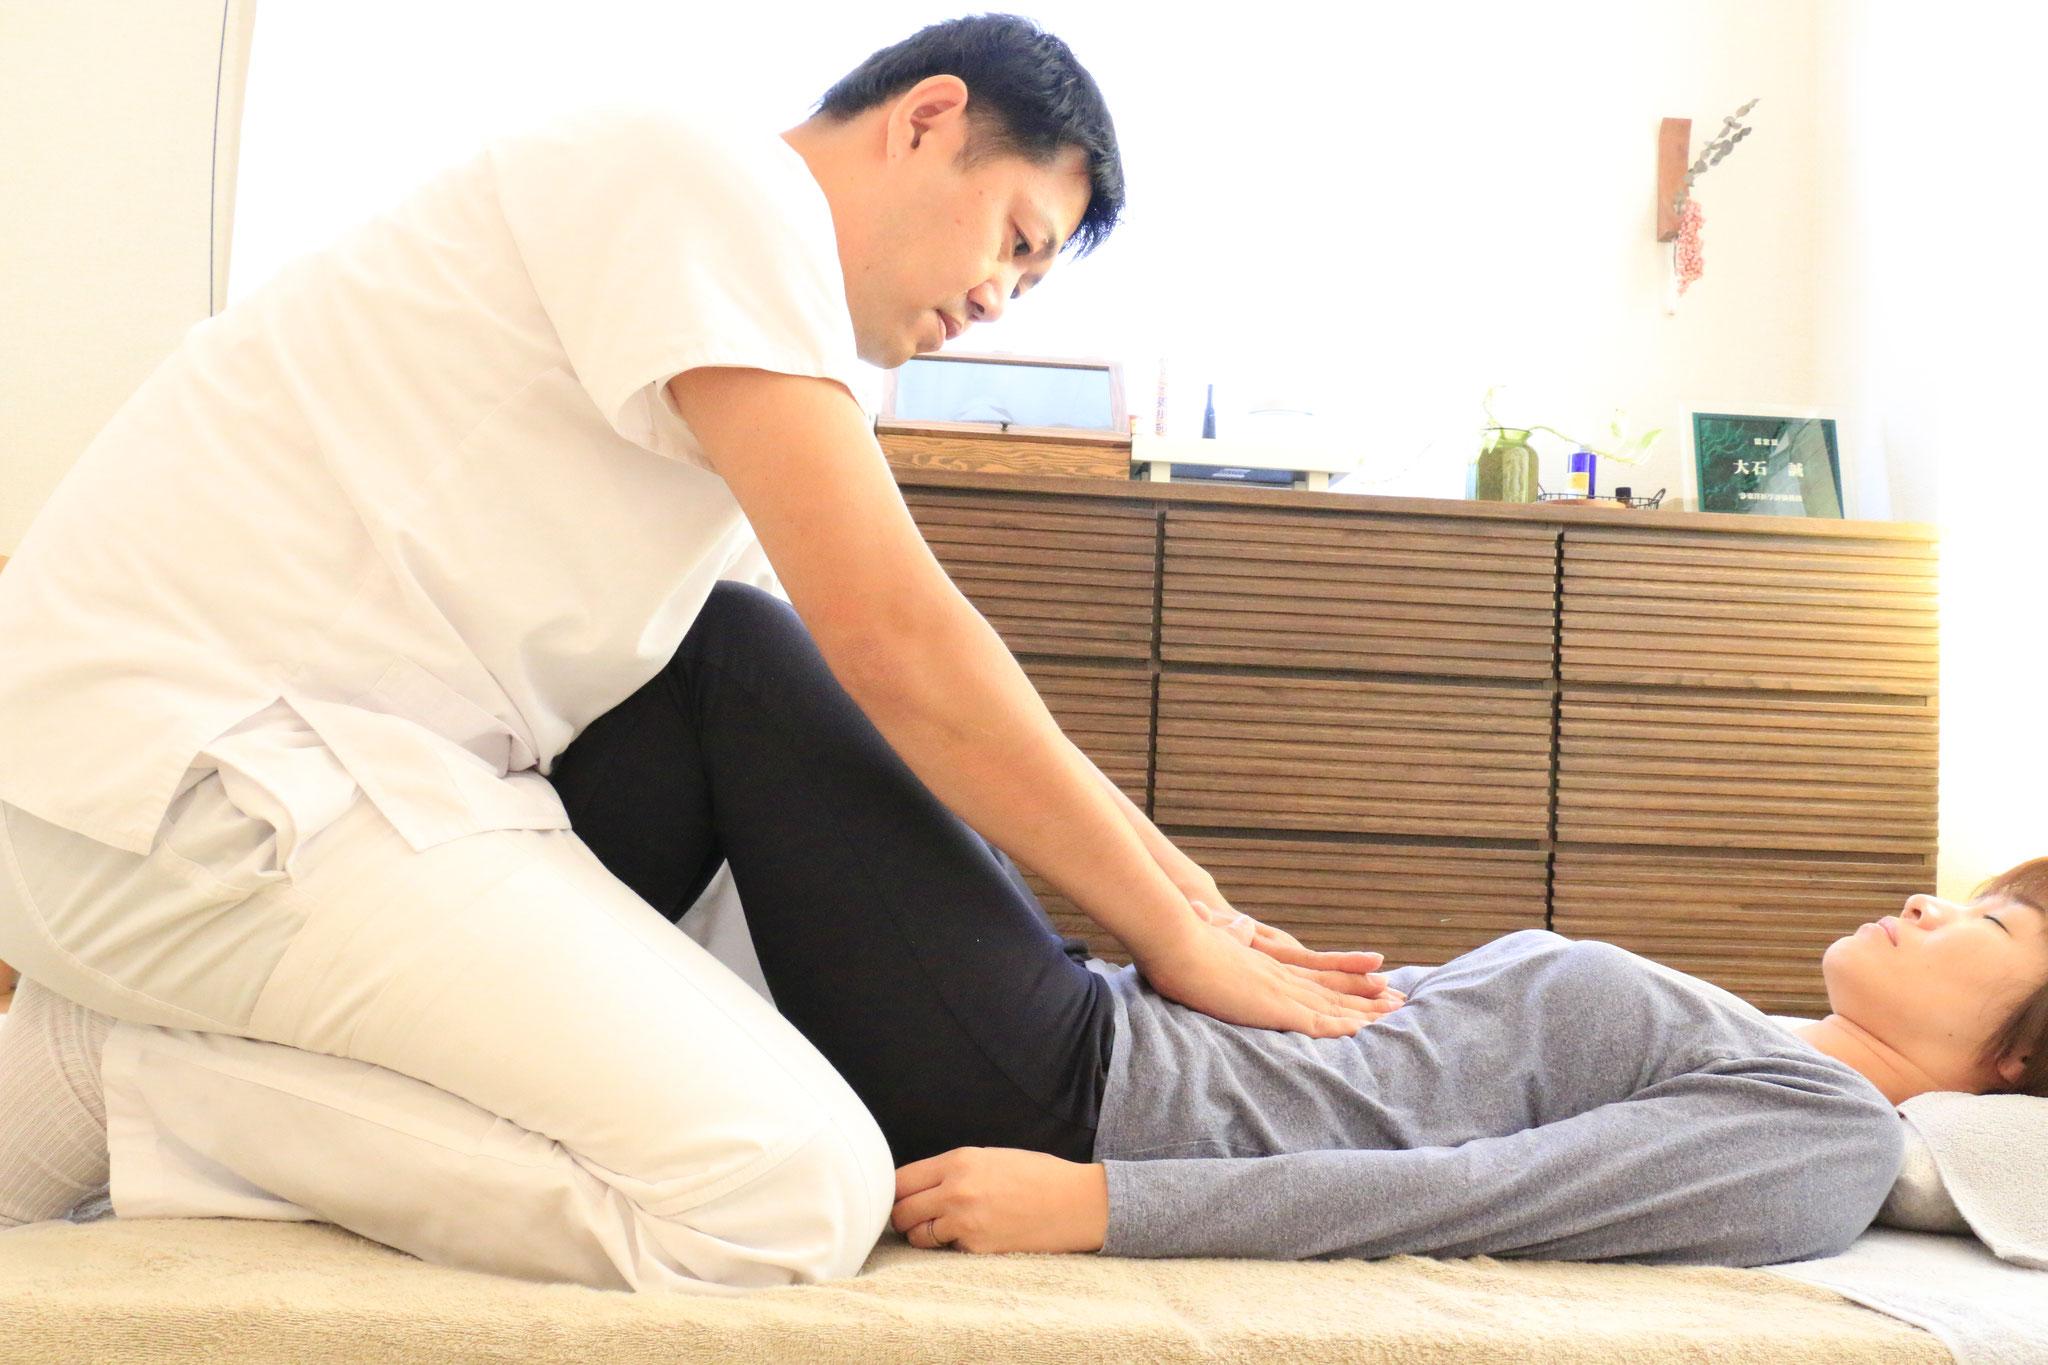 新日本延命療法。お腹の癒着を外し、お腹を柔らかく整えることで胃腸が整い、疲れにくい体へ。